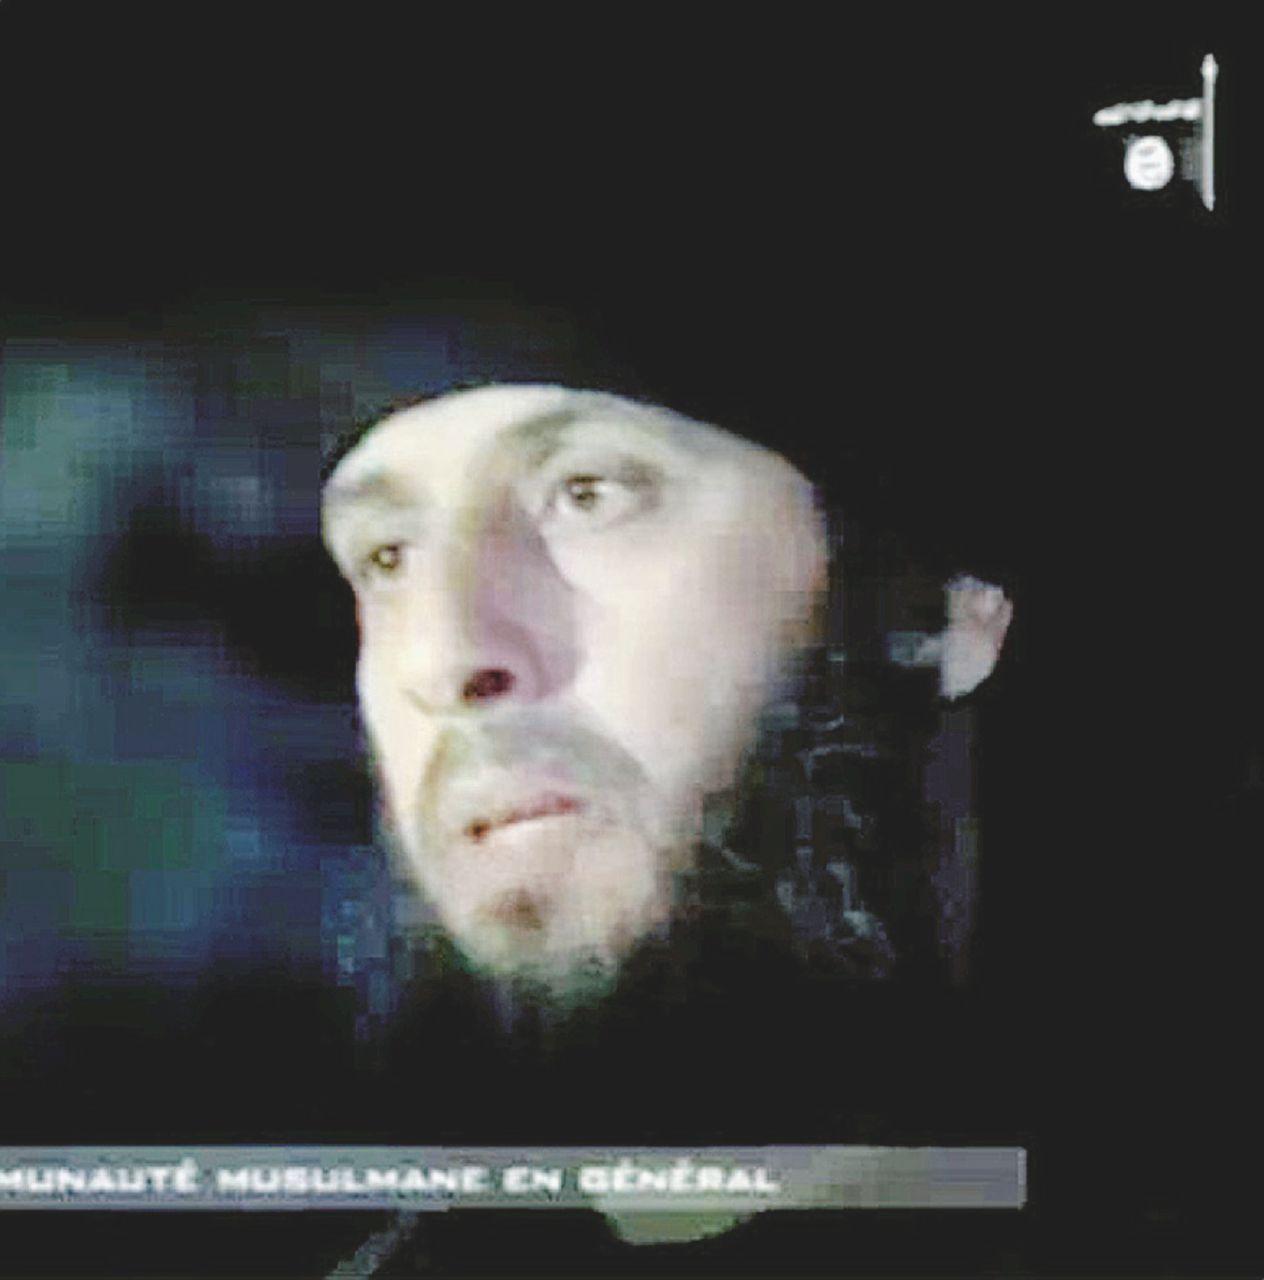 Da Milano all'Isis, arruolato anche il figlio di 11 anni